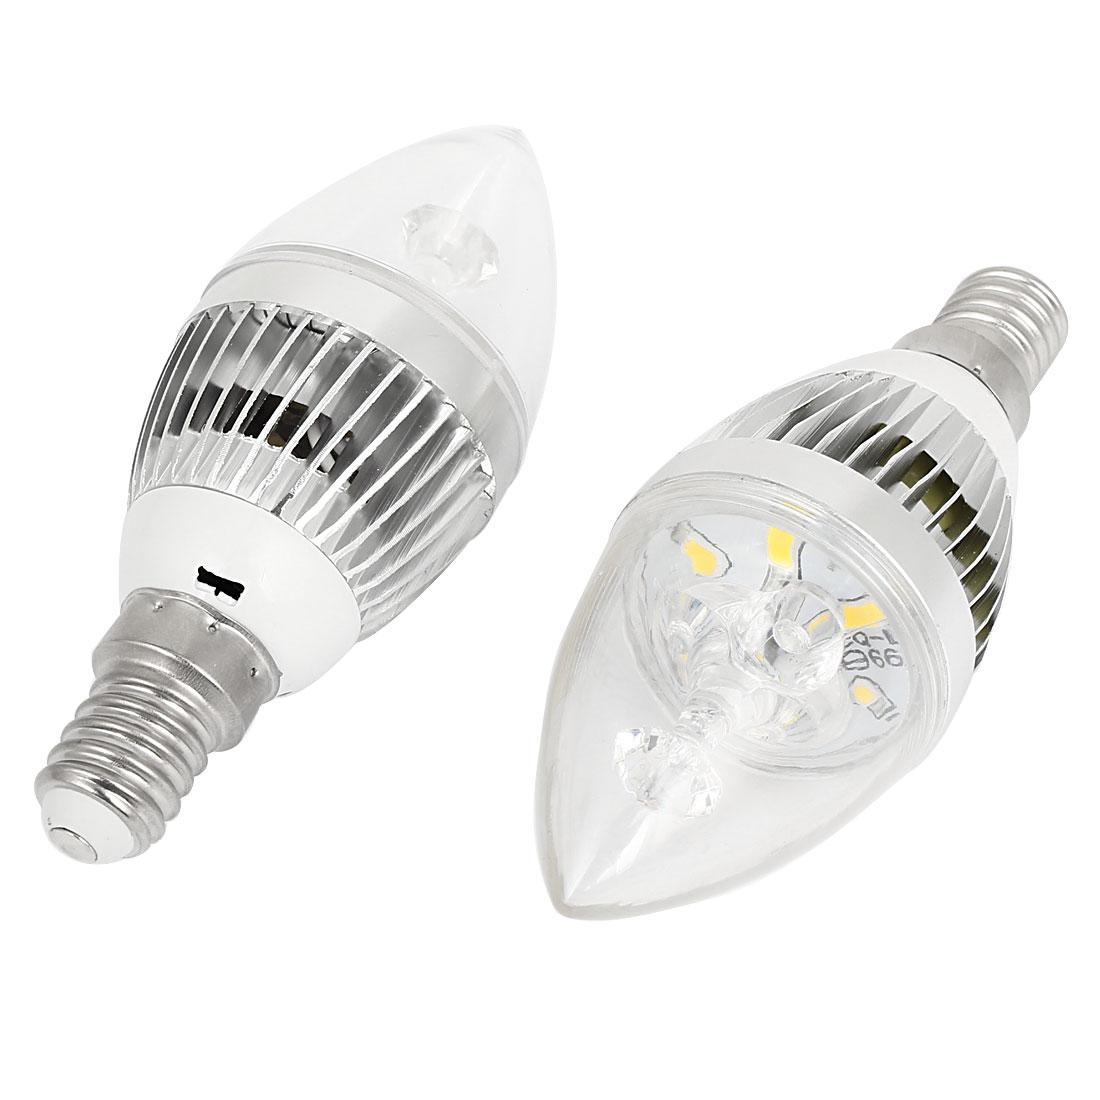 AC100-2260V 3W 2800-3200K Warm White 6 LED E14 Socket Candle Light Bulb 2 Pcs